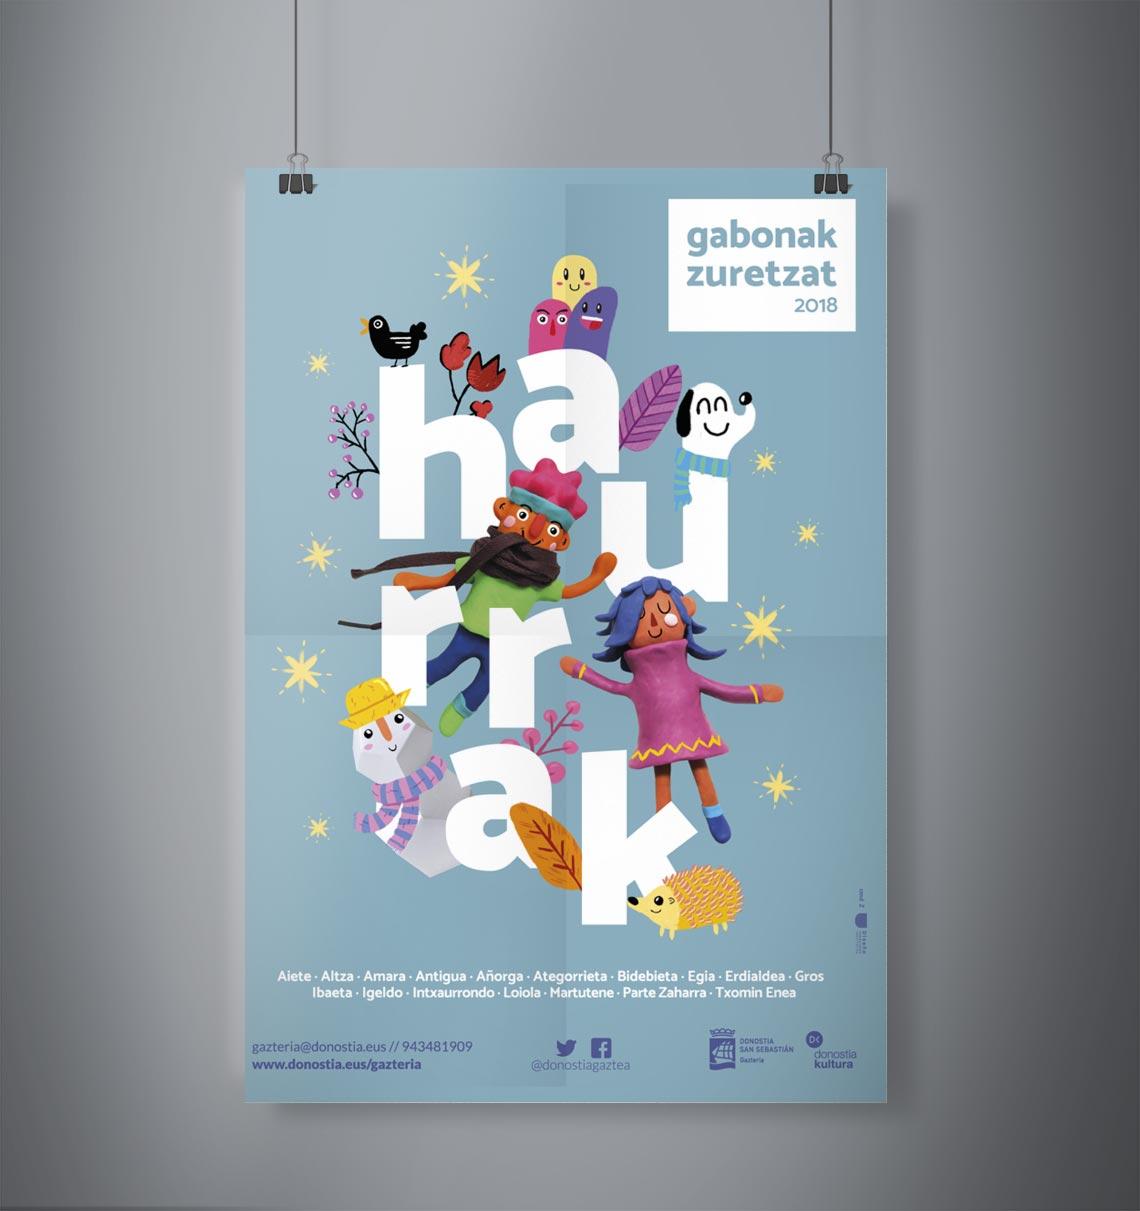 Diseño de Cartel Gabonak Zuretzat 2018 Haurrak Ibai Jauregi